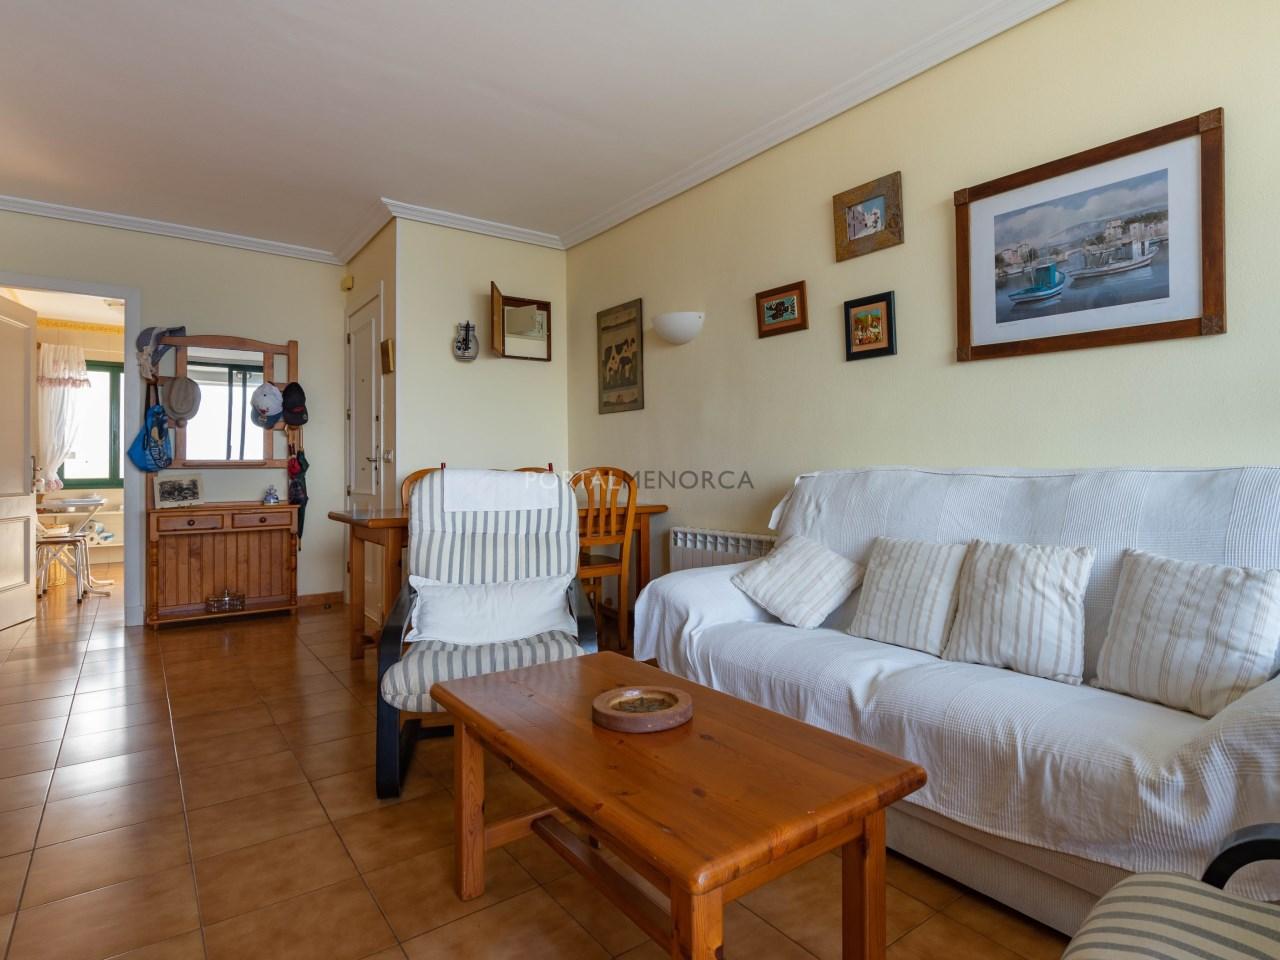 casa en venta con vista mar menorca (1)